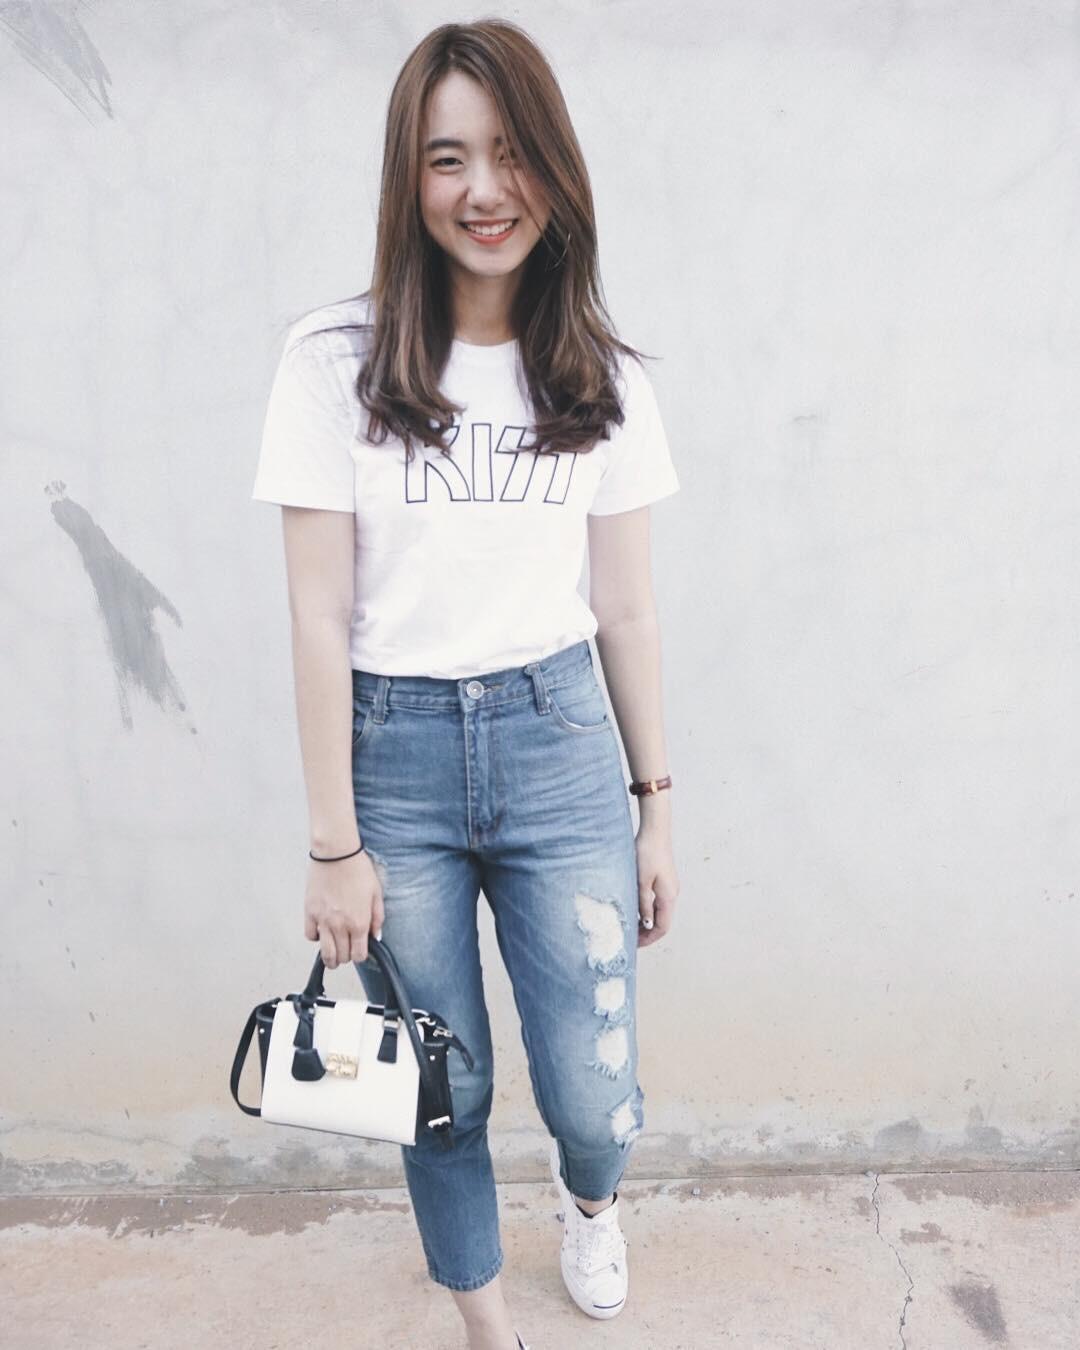 Quanh đi quẩn lại, áo phông trắng vẫn là item dễ mặc nhất và diện được muôn kiểu siêu xinh - Ảnh 1